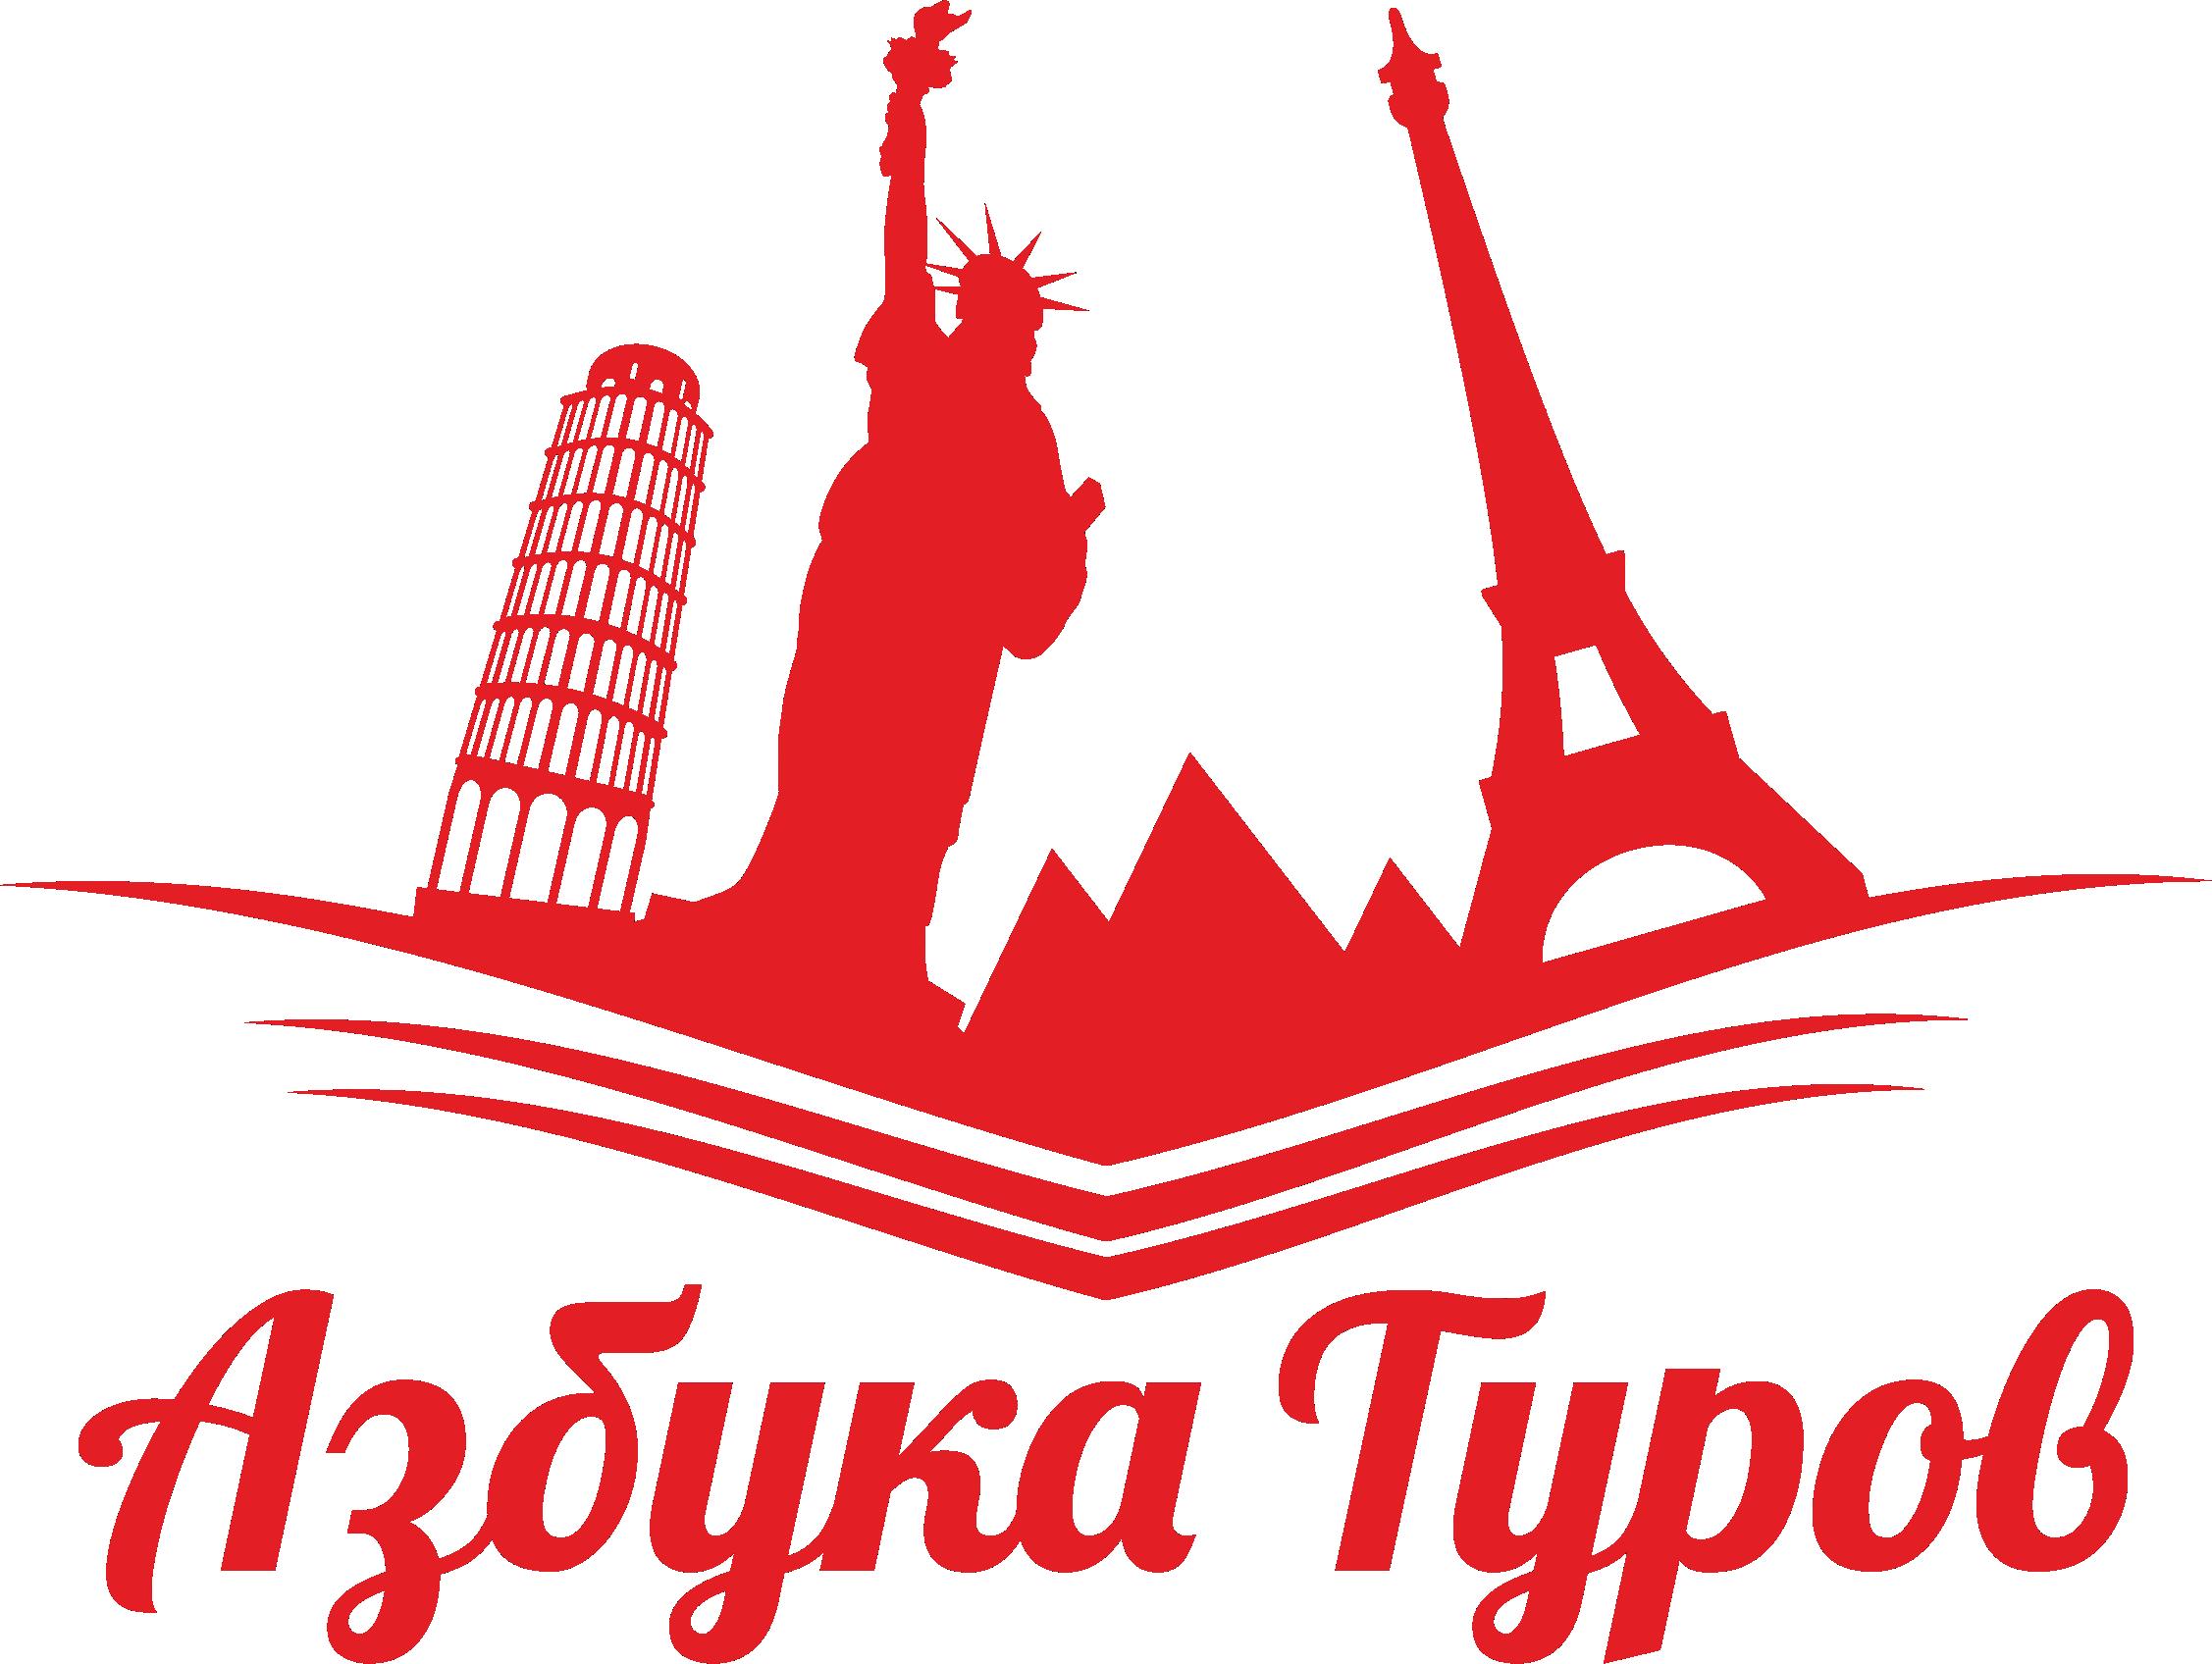 Туры выходного дня из Москвы в безвизовые страны: приятные цены, отличный уикенд 30